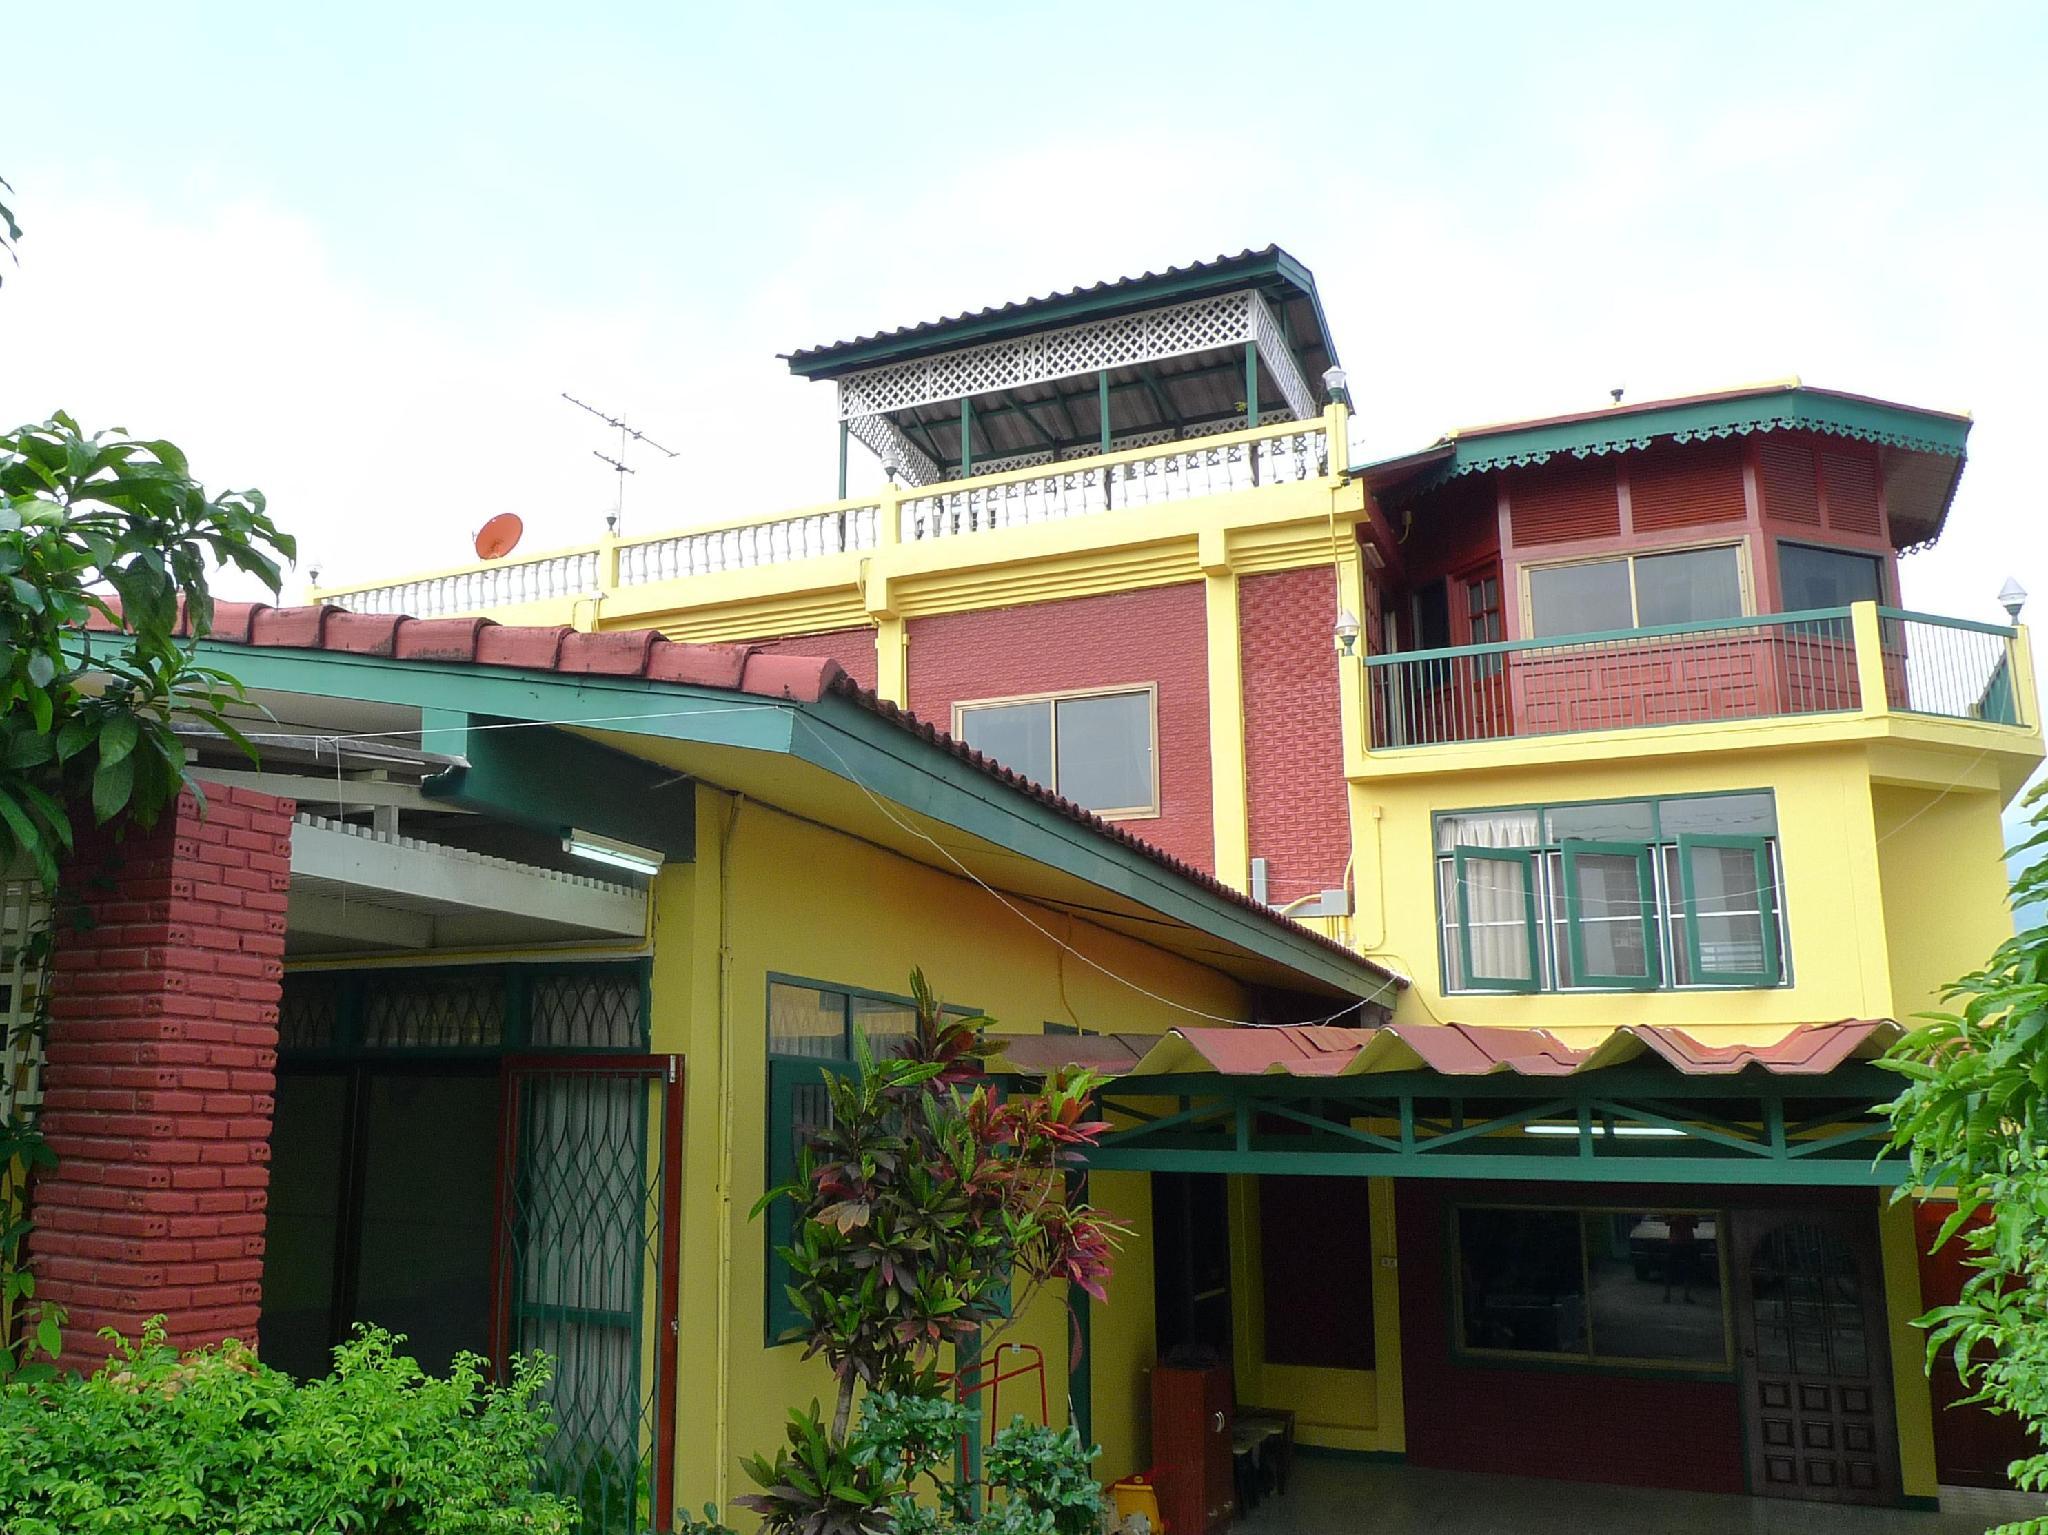 班卡维塔酒店,บ้านแก้วตา